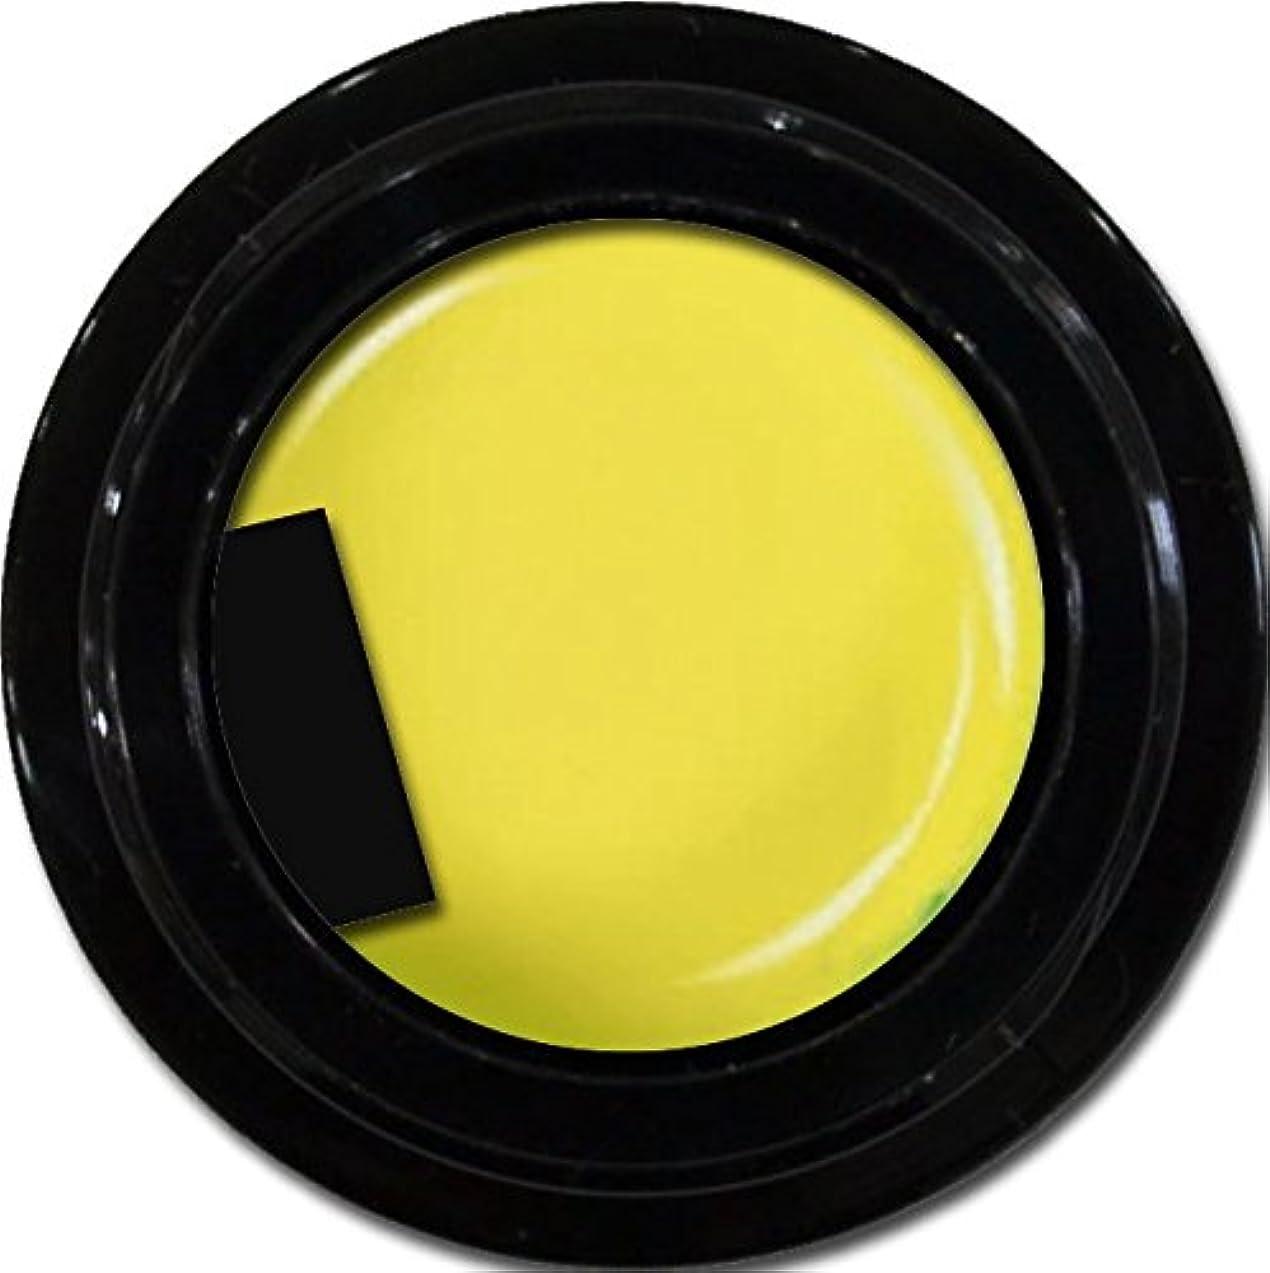 回答アリーナ発信カラージェル enchant color gel M602 MoroccoYellow 3g/ マットカラージェル M602 モロッコイエロー 3グラム